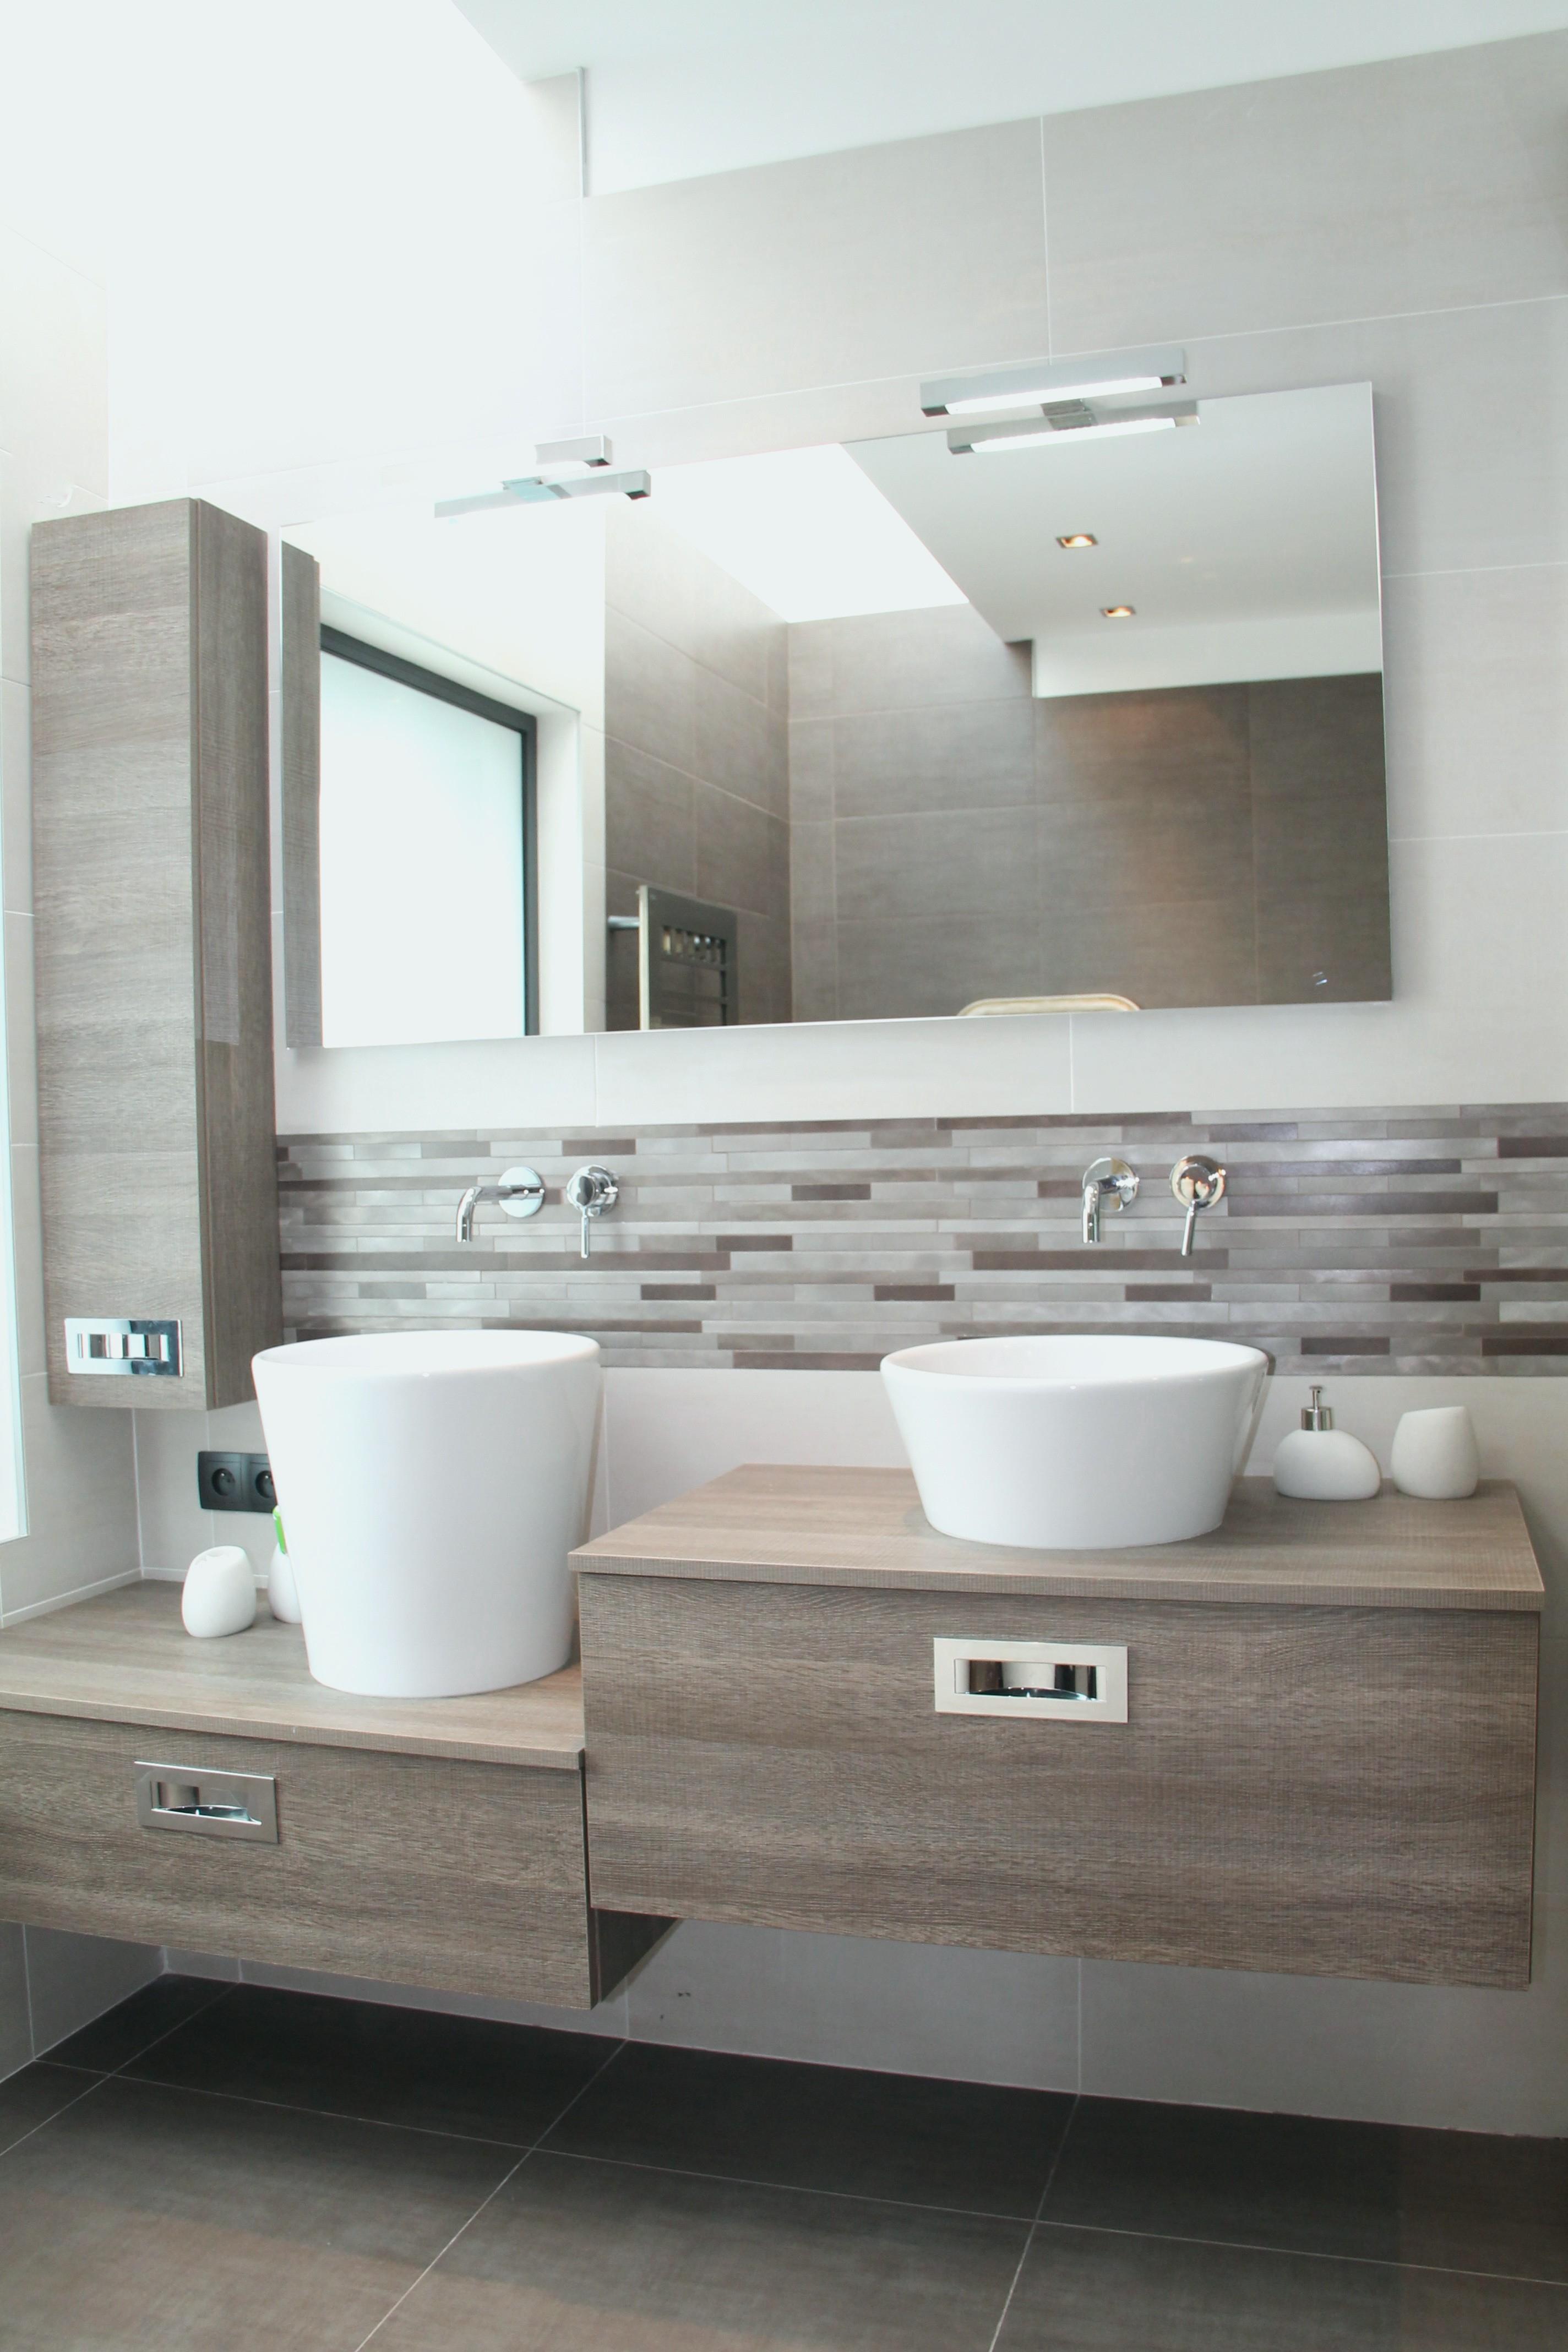 pierre de parement salle de bain interesting parement. Black Bedroom Furniture Sets. Home Design Ideas